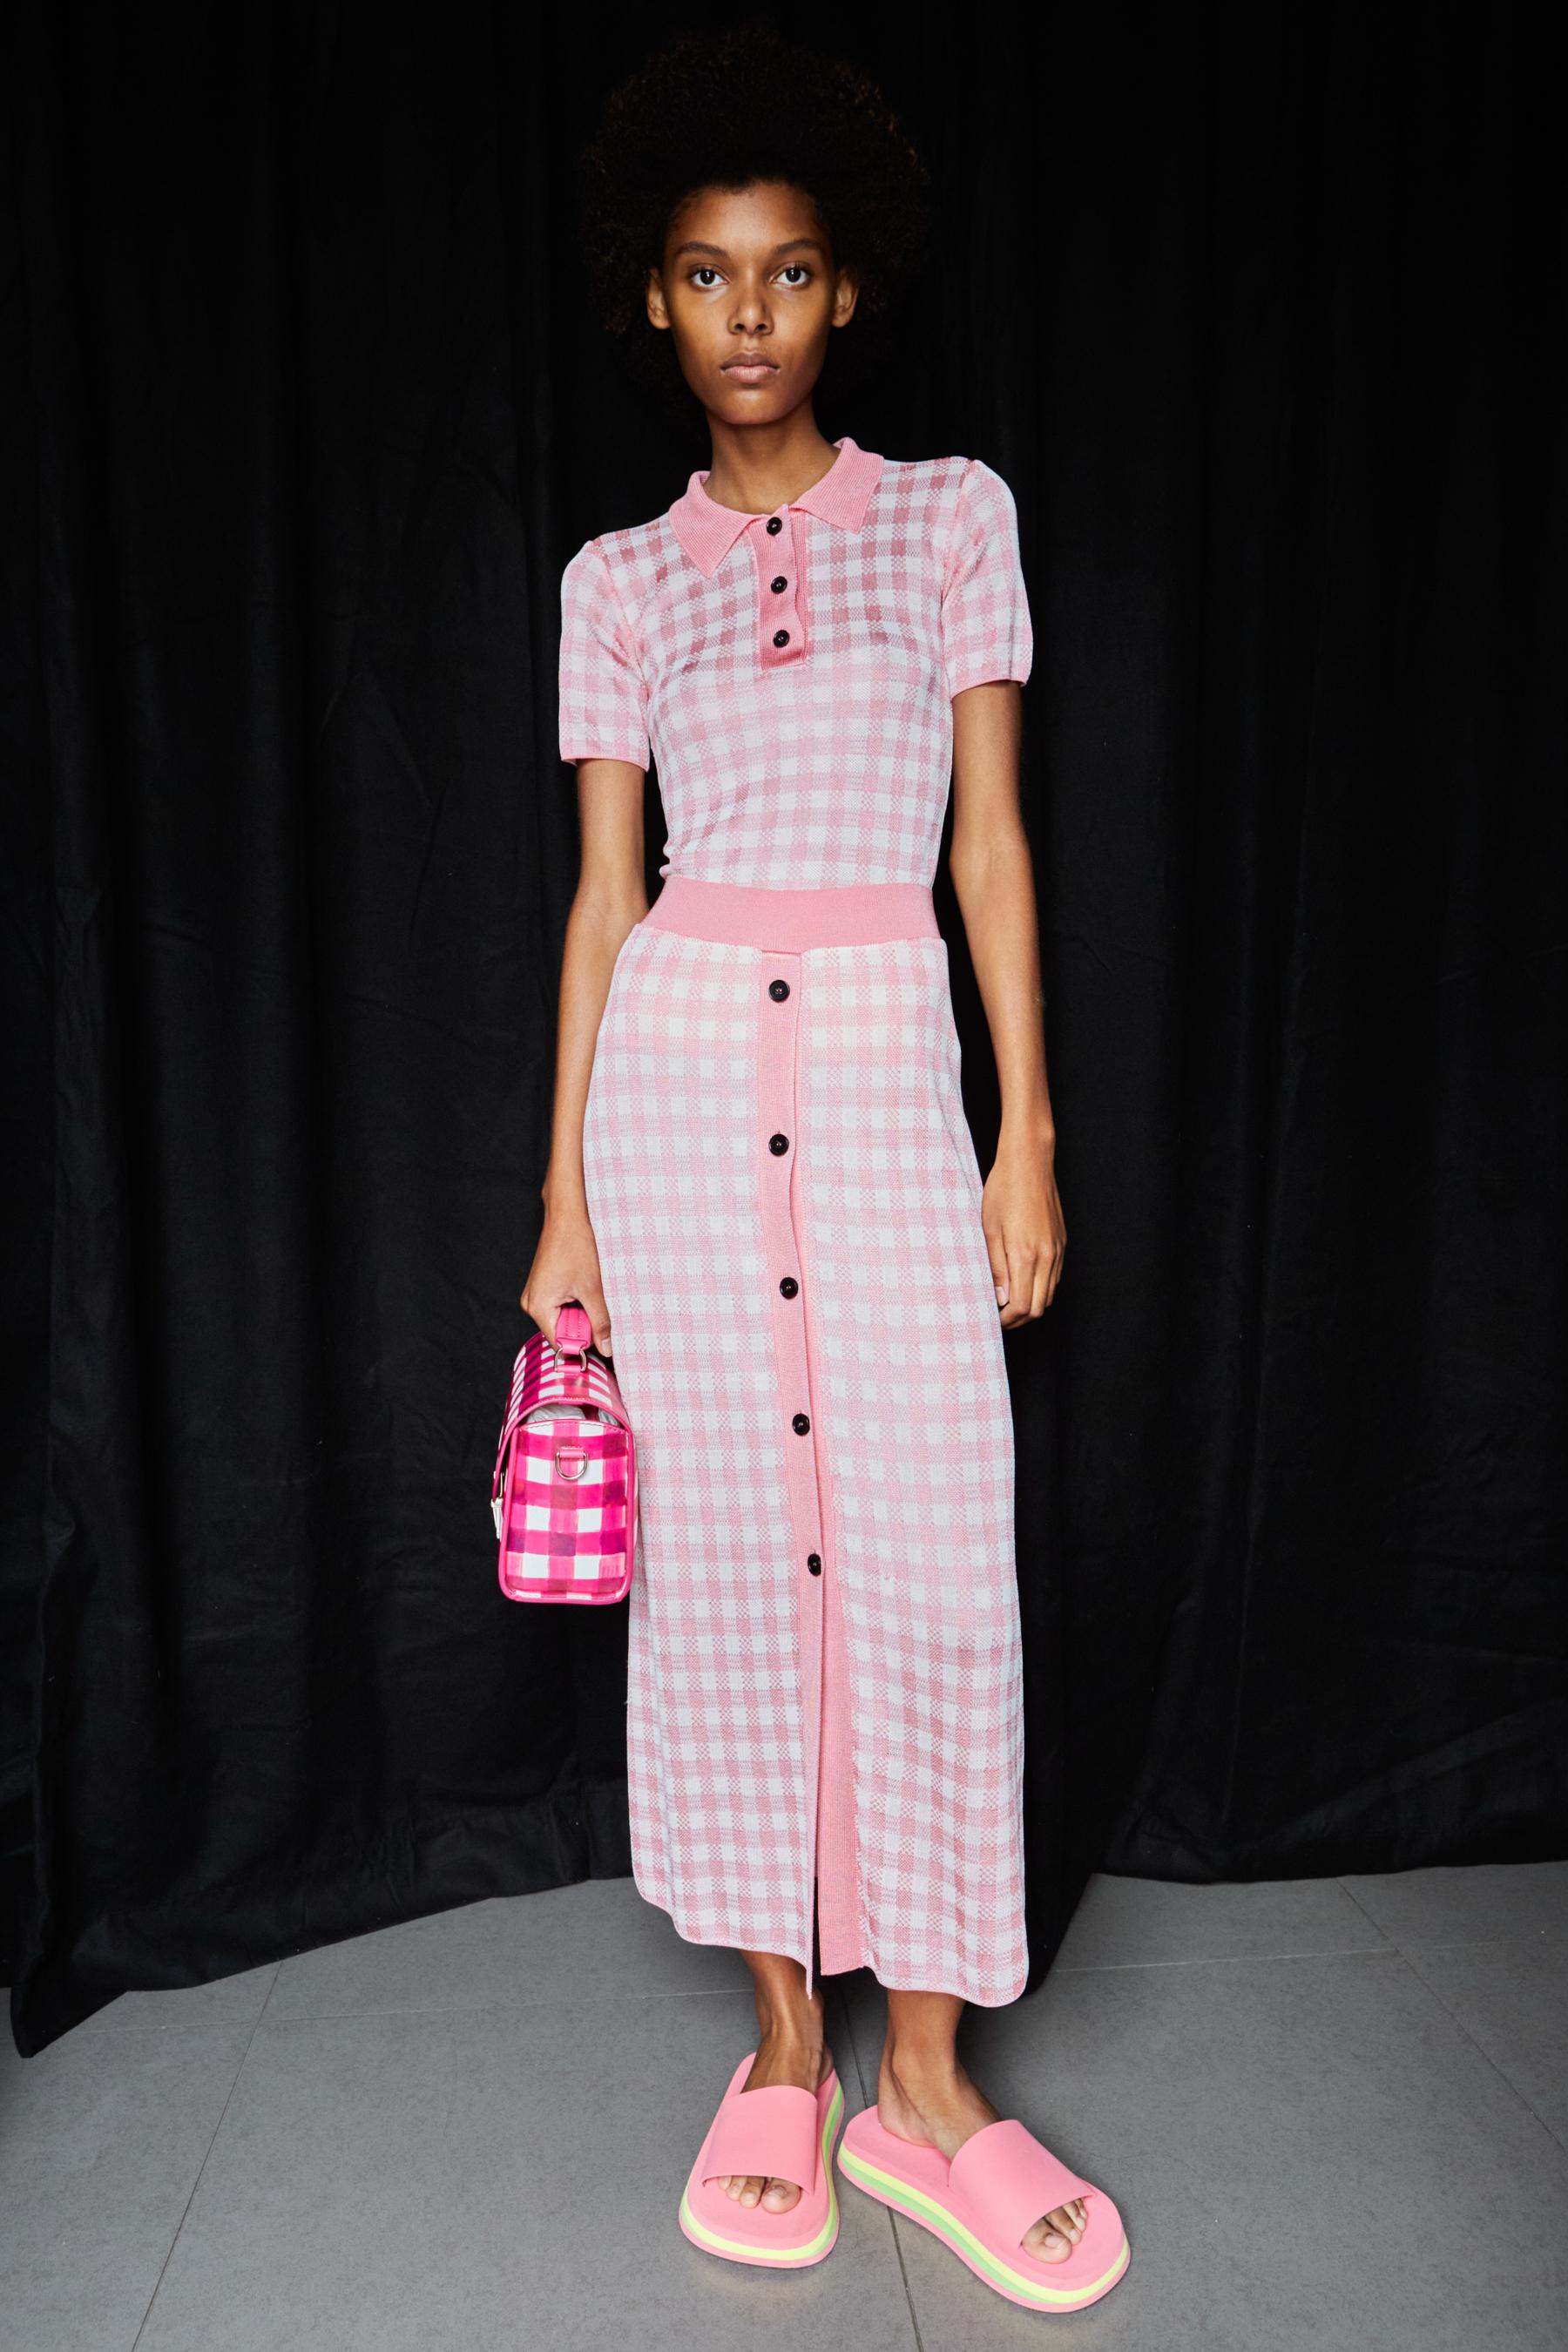 Msgm Spring 2022 Backstage Fashion Show